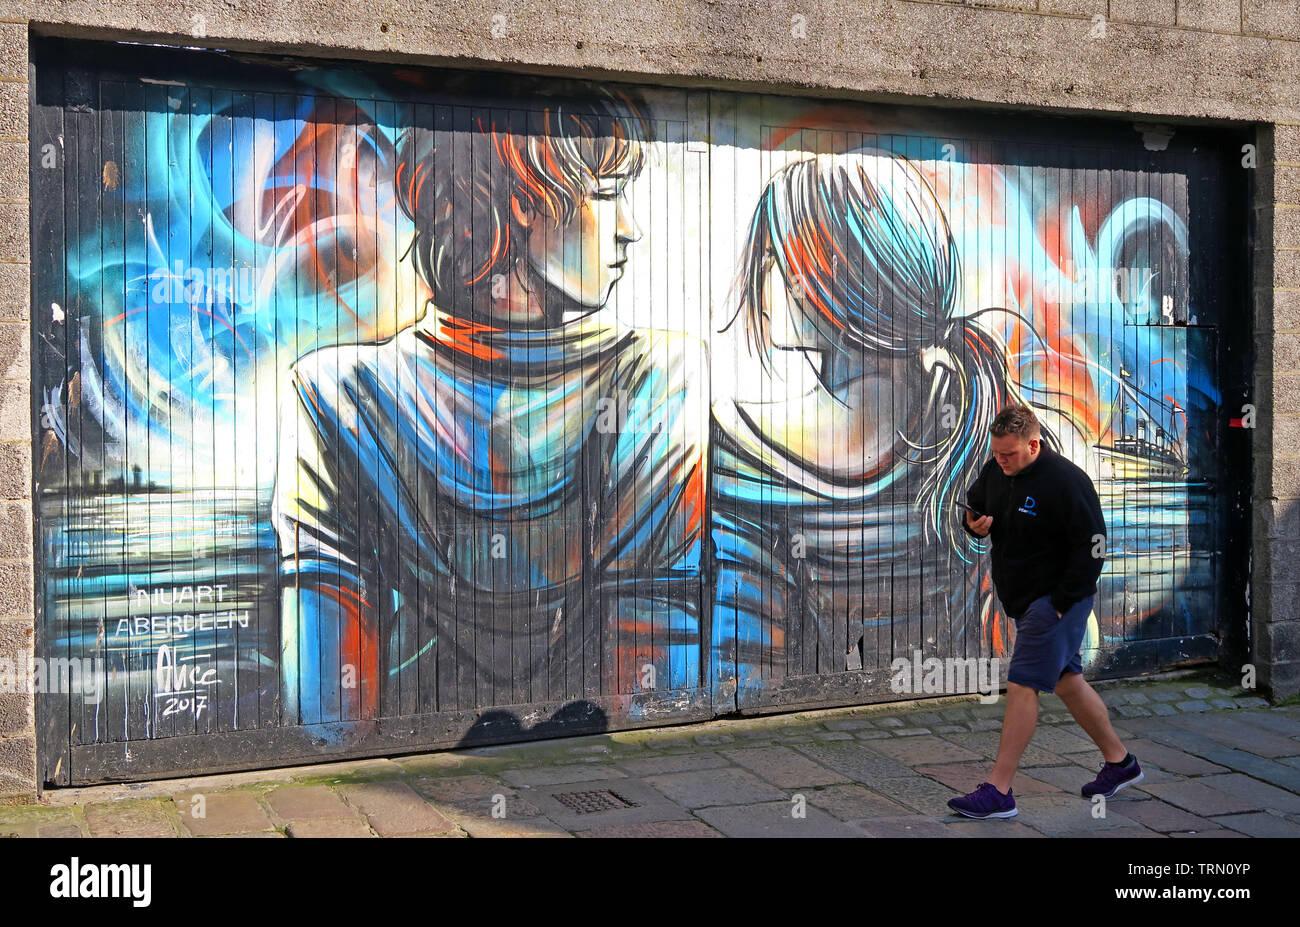 Dieses Stockfoto: Shiprow Street Art, Aberdeen, Schottland, UK - öffentliche Wandbilder für Nuart von Alice Pasquini - TRN0YP